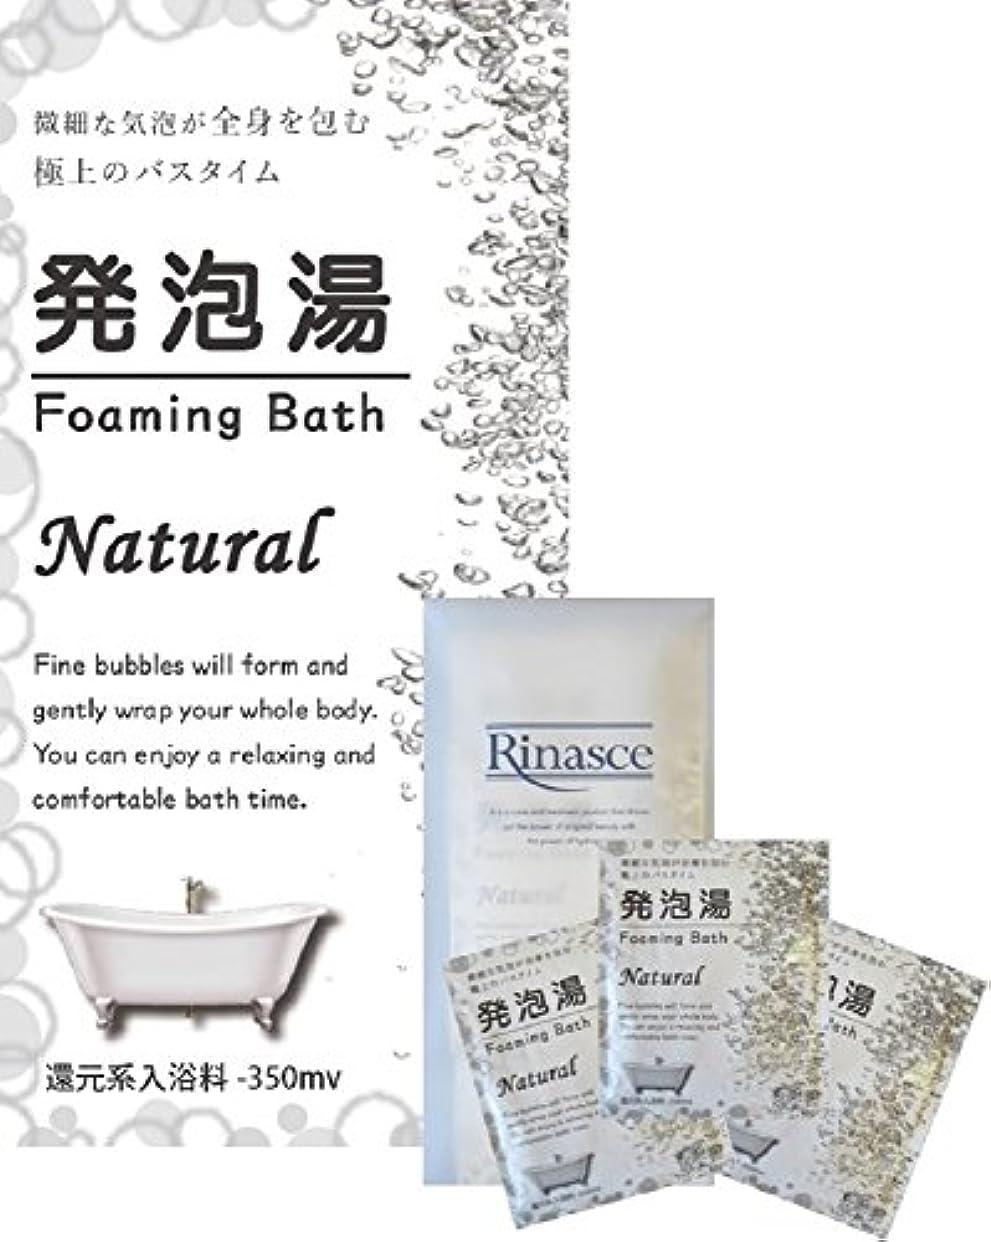 内向き上げるクレジット【ゆうメール対象】発泡湯(はっぽうとう) Foaming Bath Natural ナチュラル 40g 3包セット/微細な気泡が全身を包む極上のバスタイム